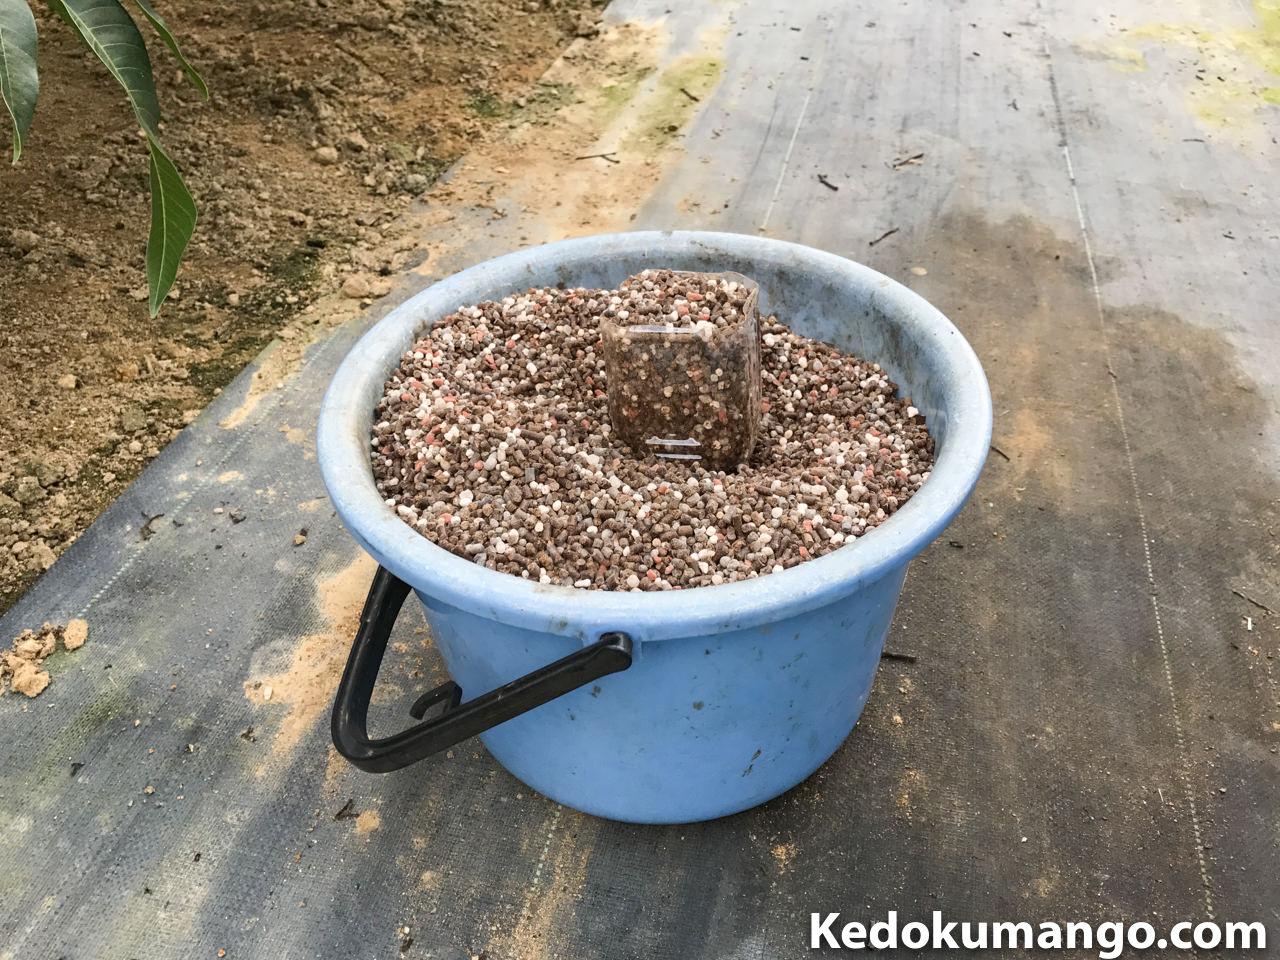 バケツに移した配合肥料とペットボトル